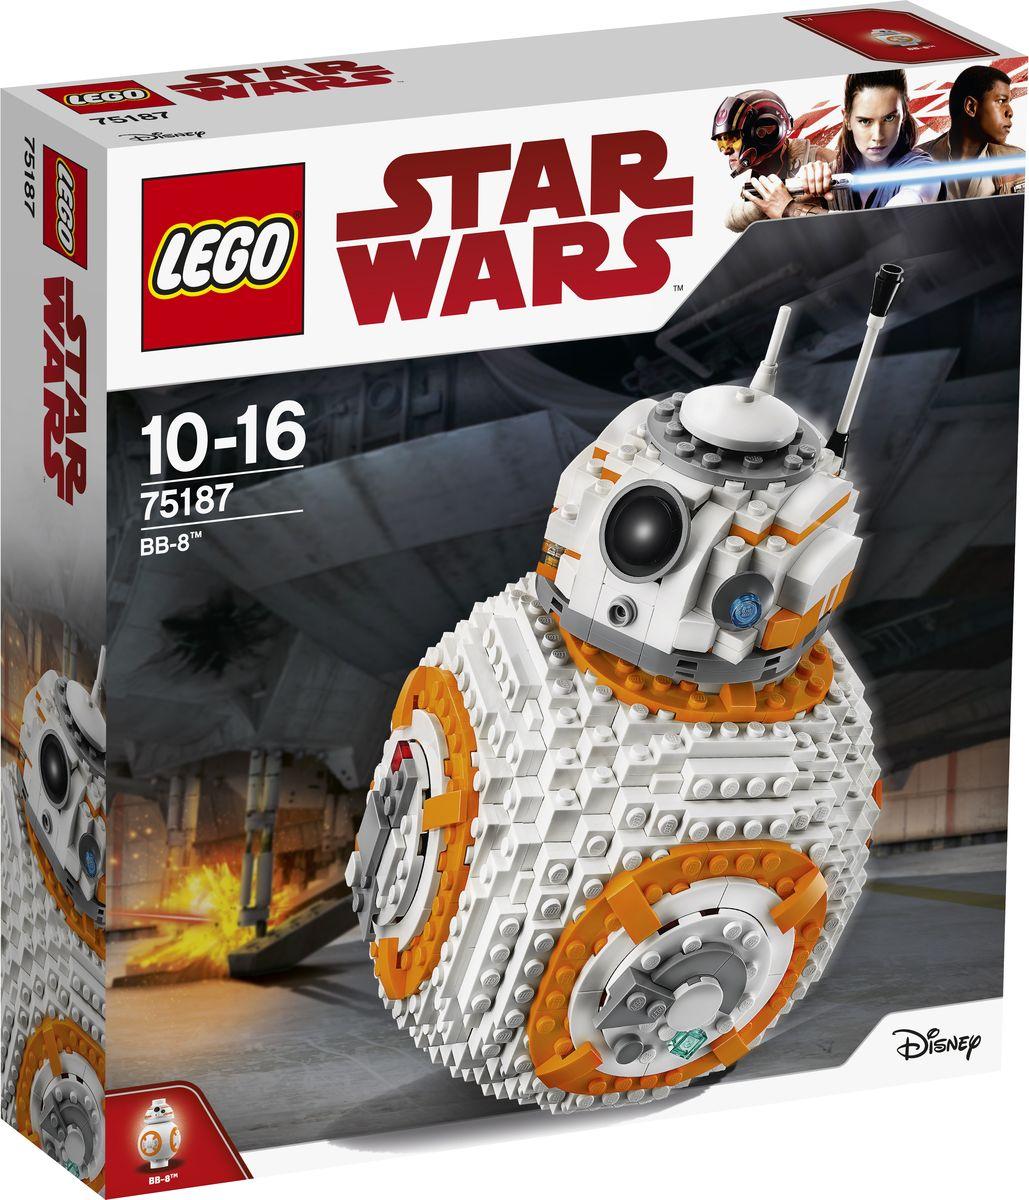 LEGO Star Wars 75187 ВВ-8 Конструктор